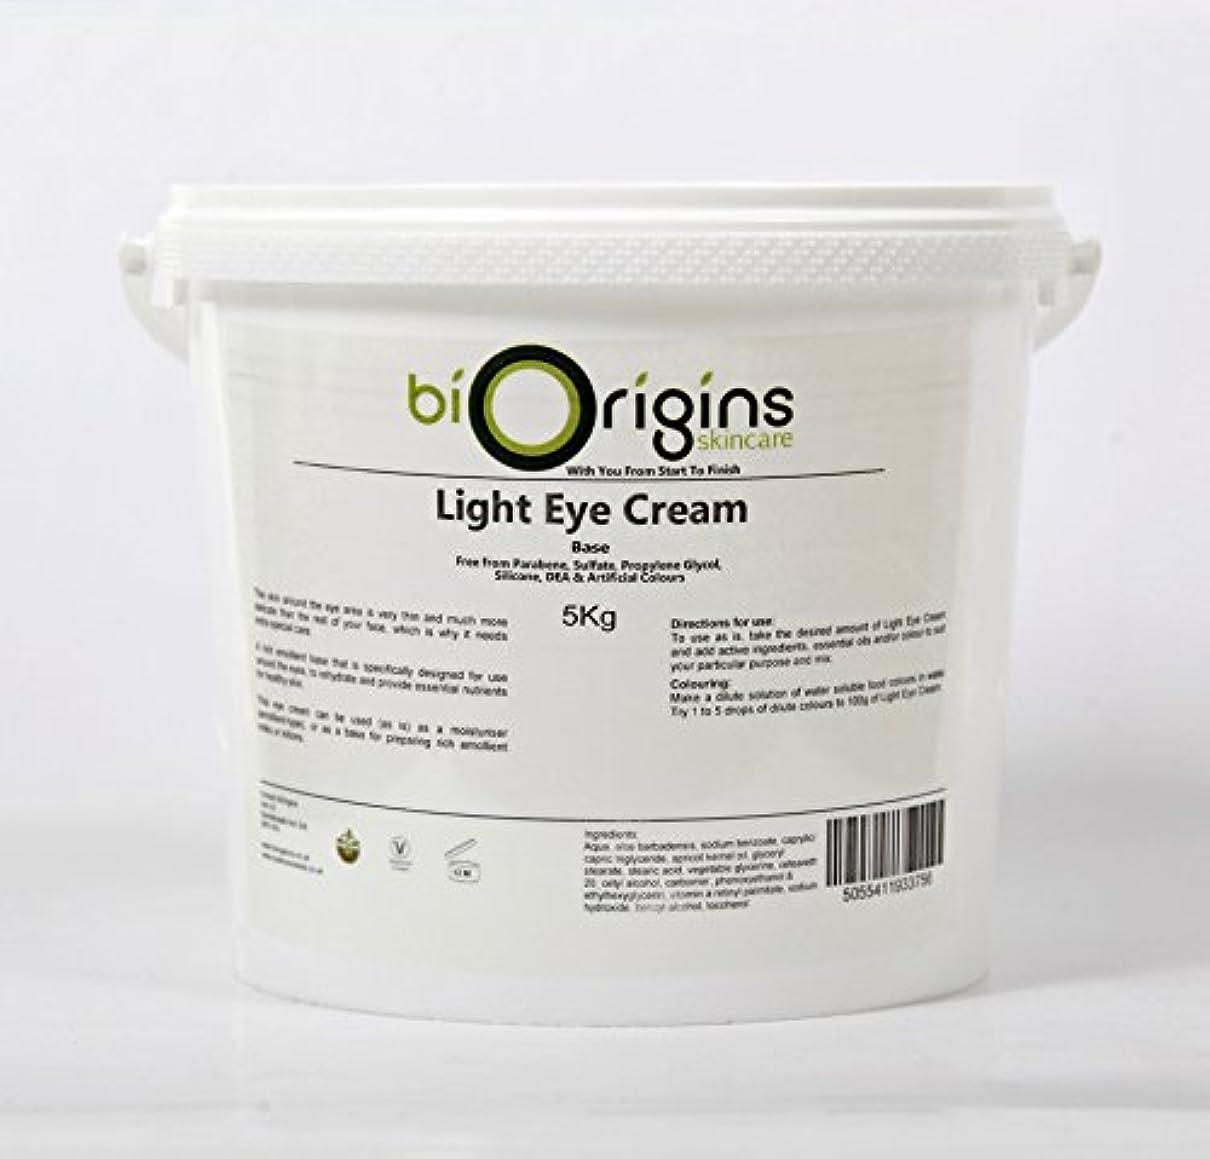 で壊滅的な感心するLight Eye Cream - Botanical Skincare Base - 5Kg